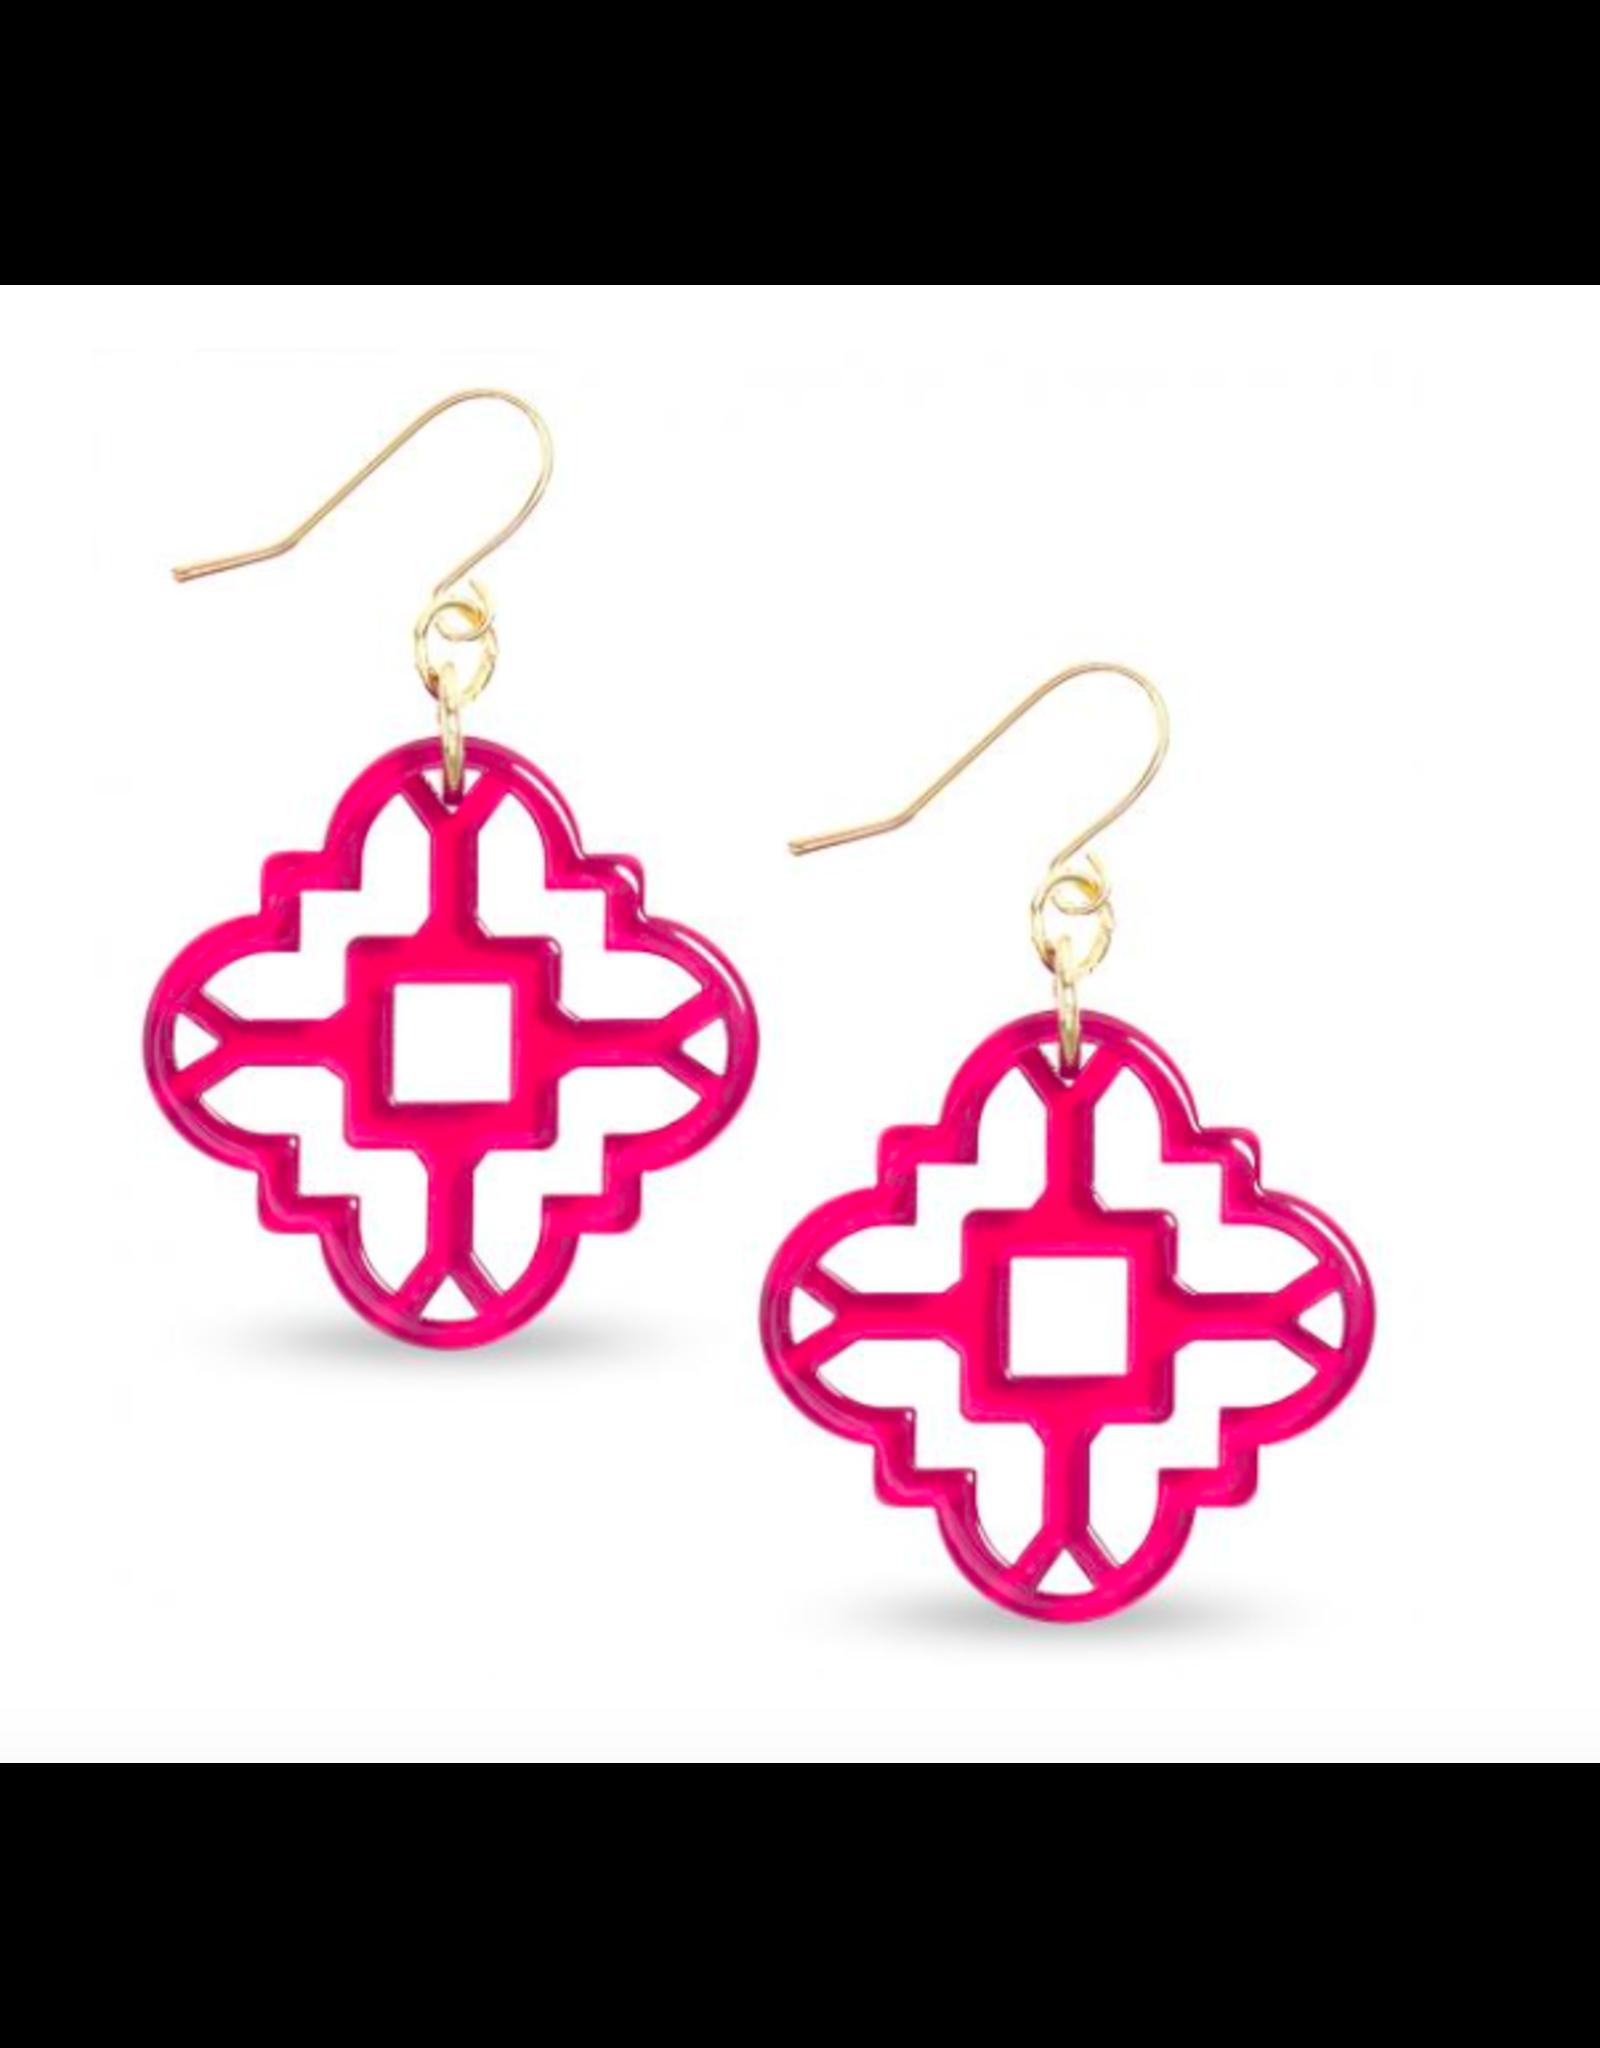 Zenzii Modern Mosaic Earrings in Hot Pink